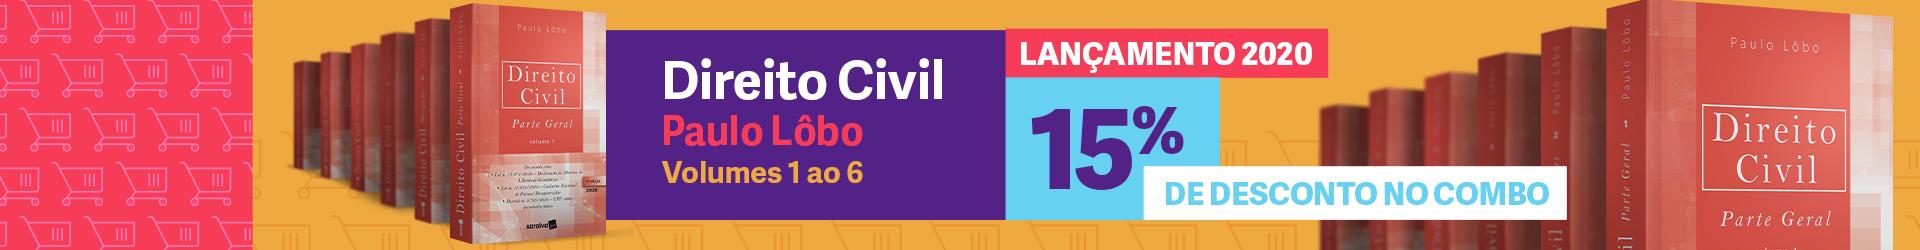 direitocivil2020